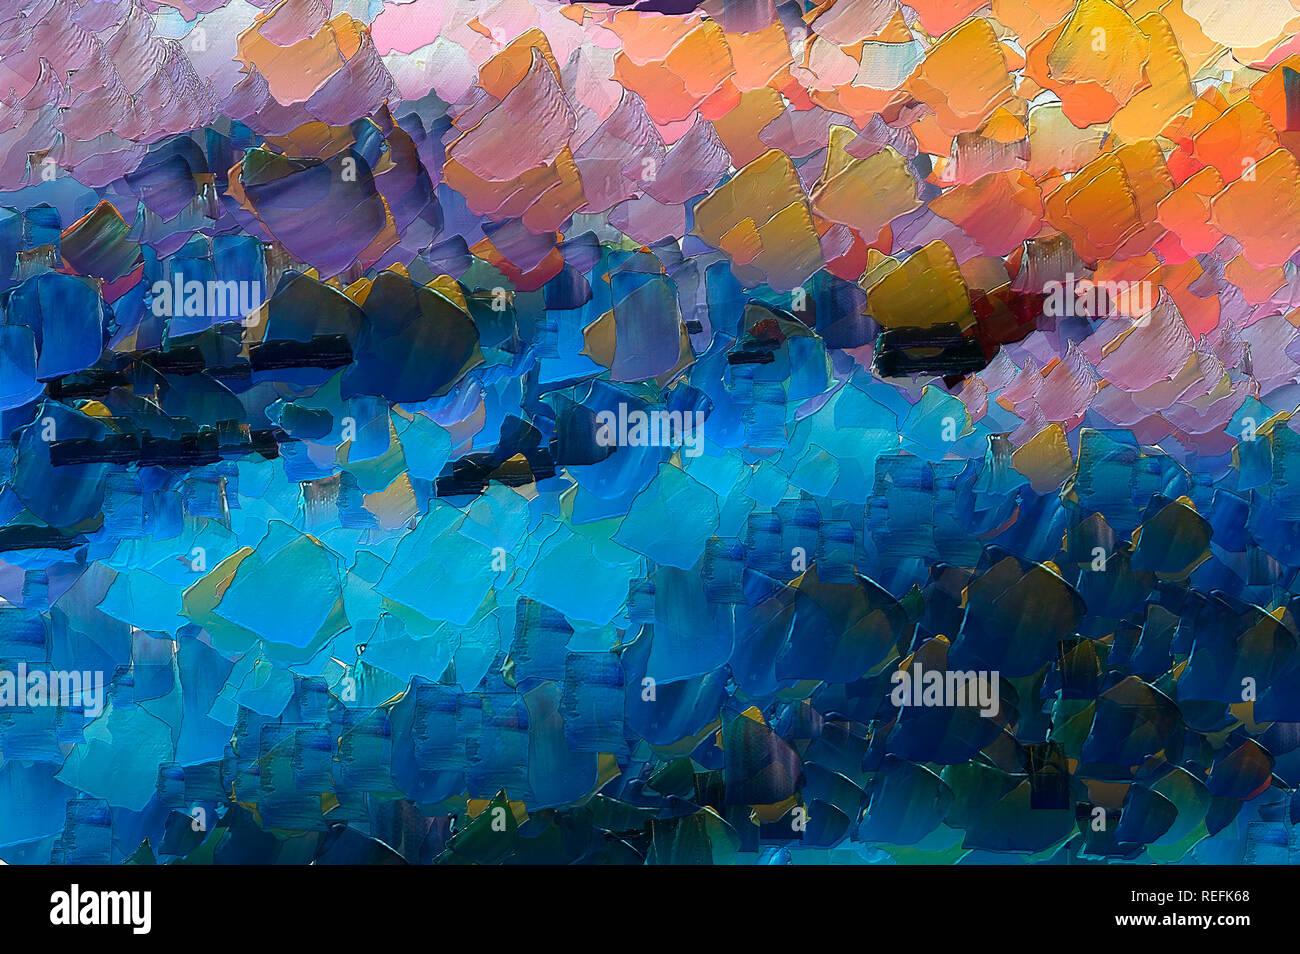 Olio astratto e stile acquerello tecnica mista dello sfondo. Pittura in tecnica  impressionista astrazione. Wall Stampa decor. Disegnato a mano brushstr  caotico Foto stock - Alamy